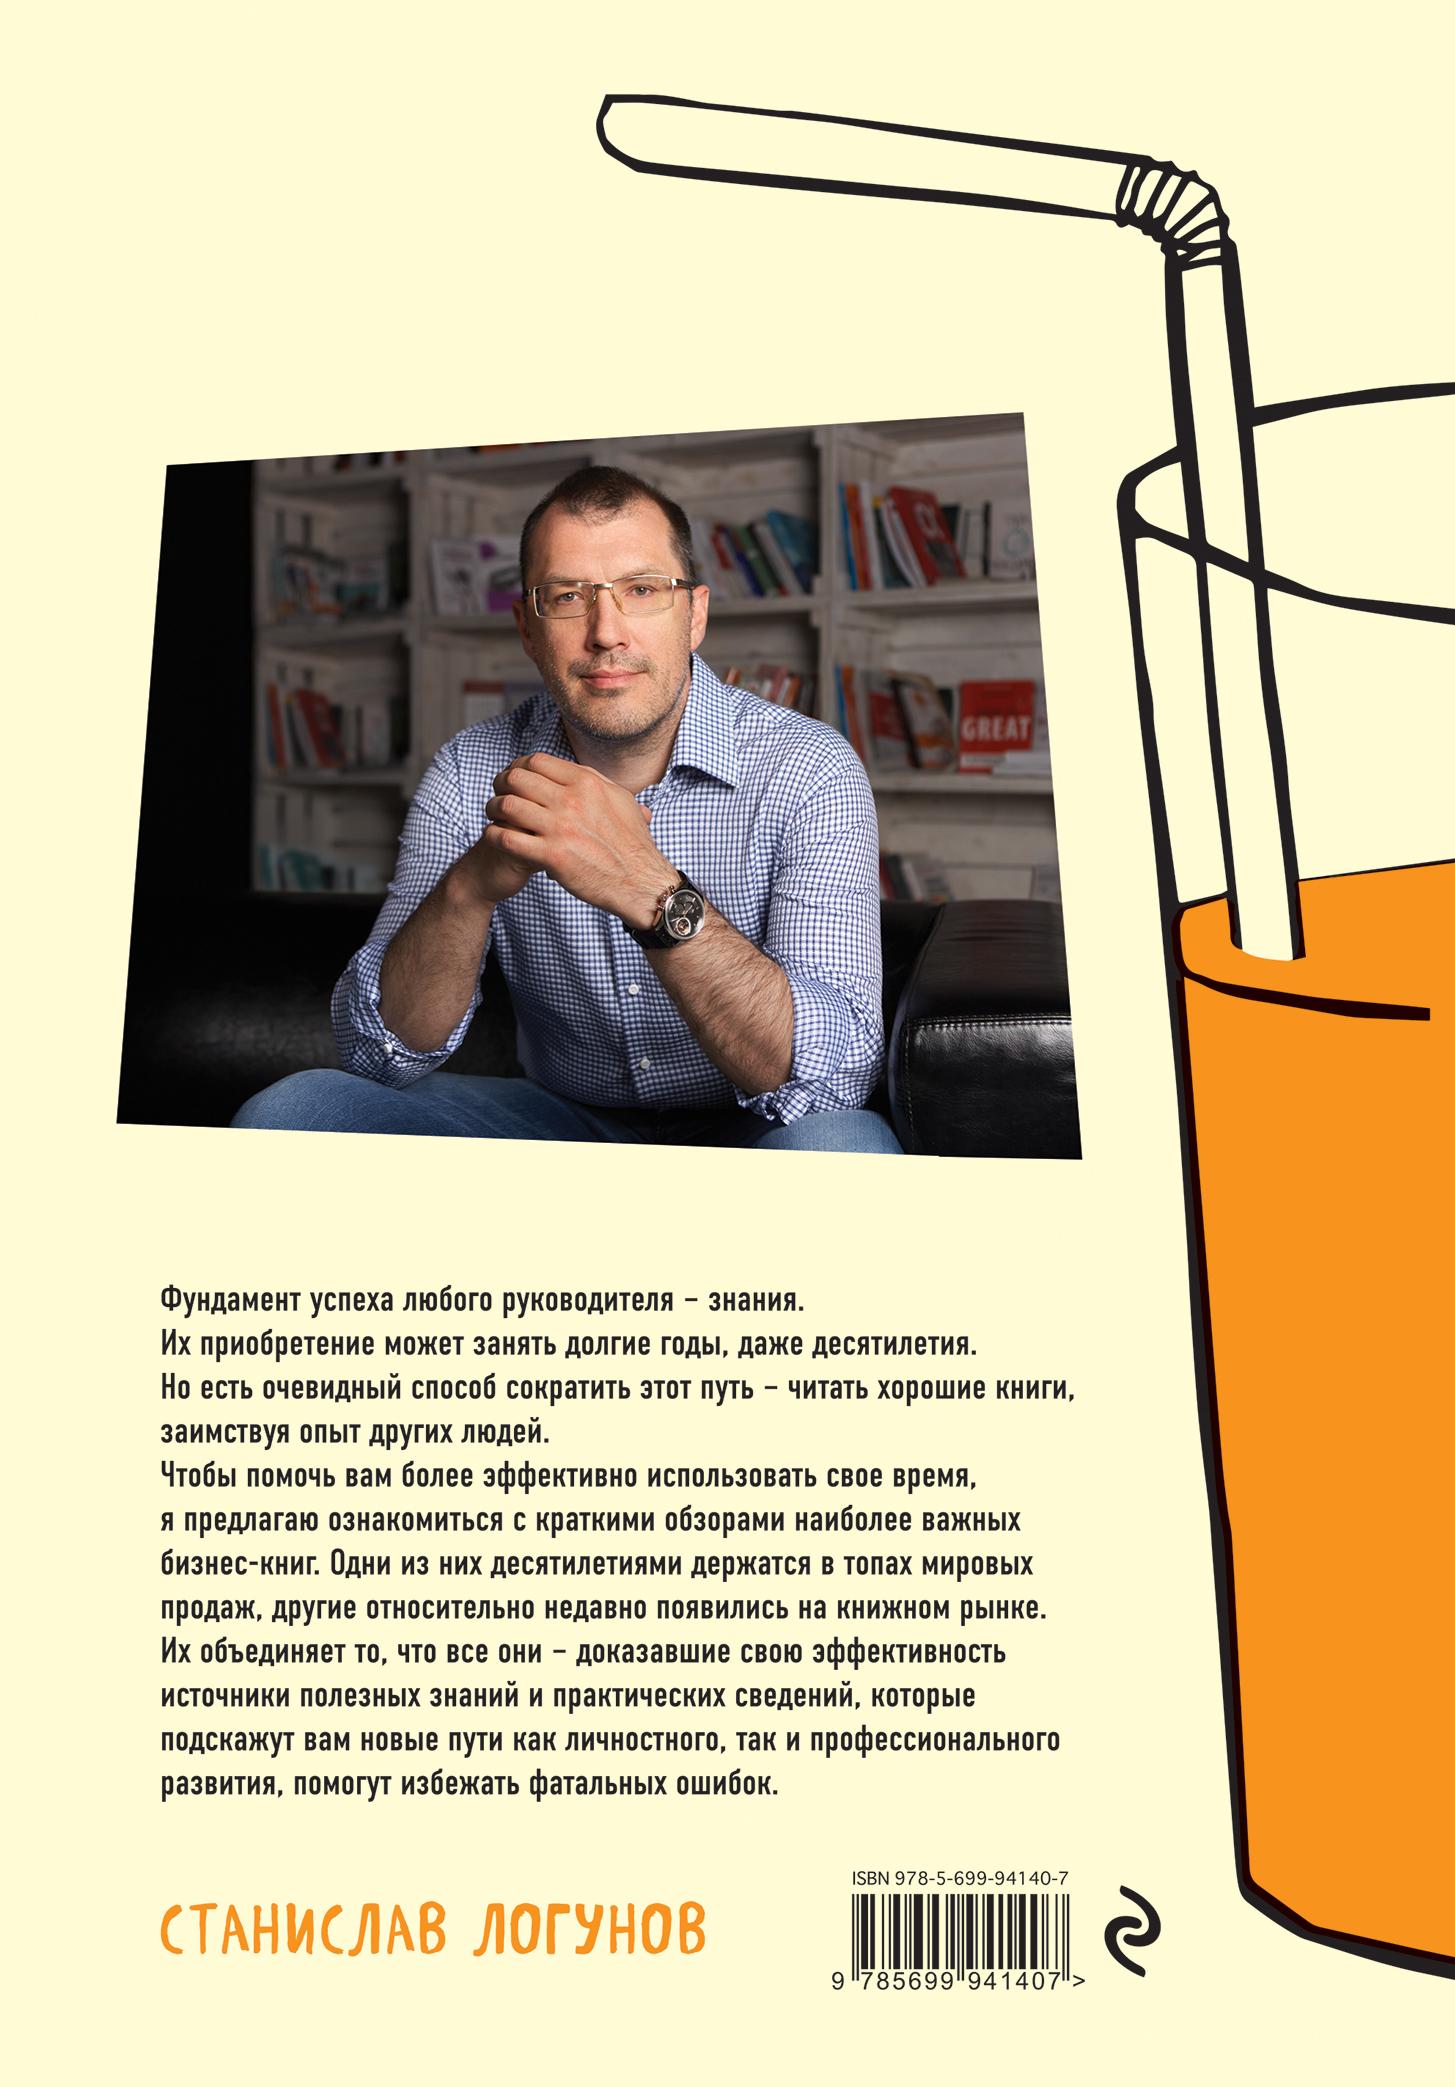 Книга 27 книг успешного руководителя. Станислав Логунов